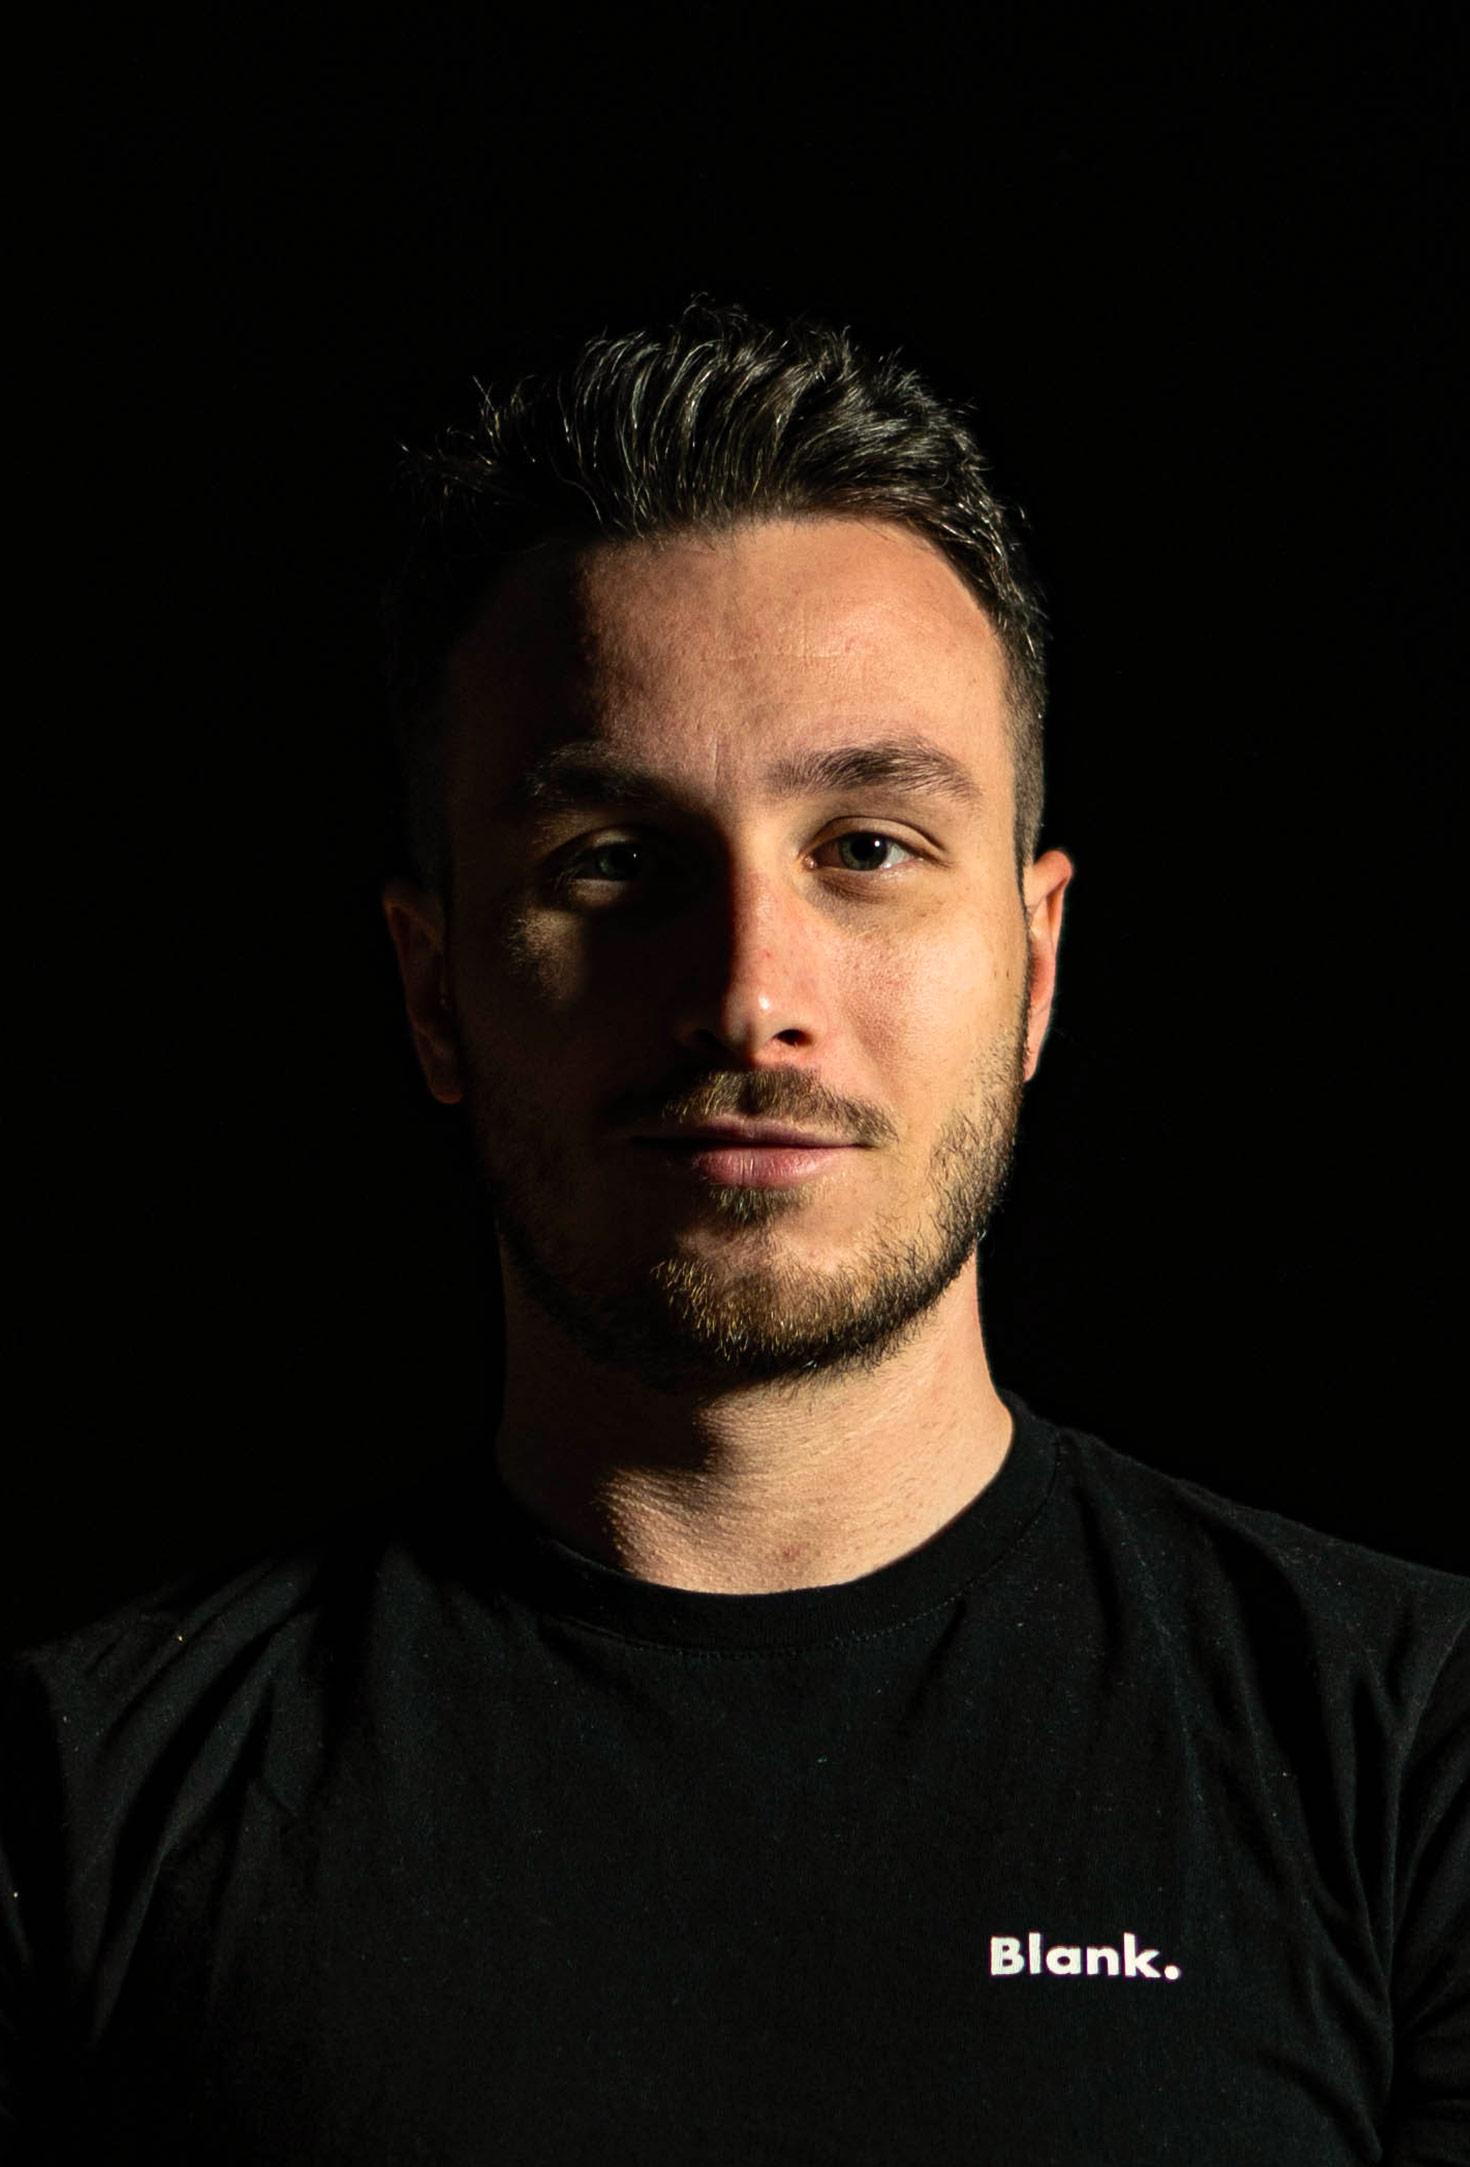 Marco Bolzan CEO & Co-founder